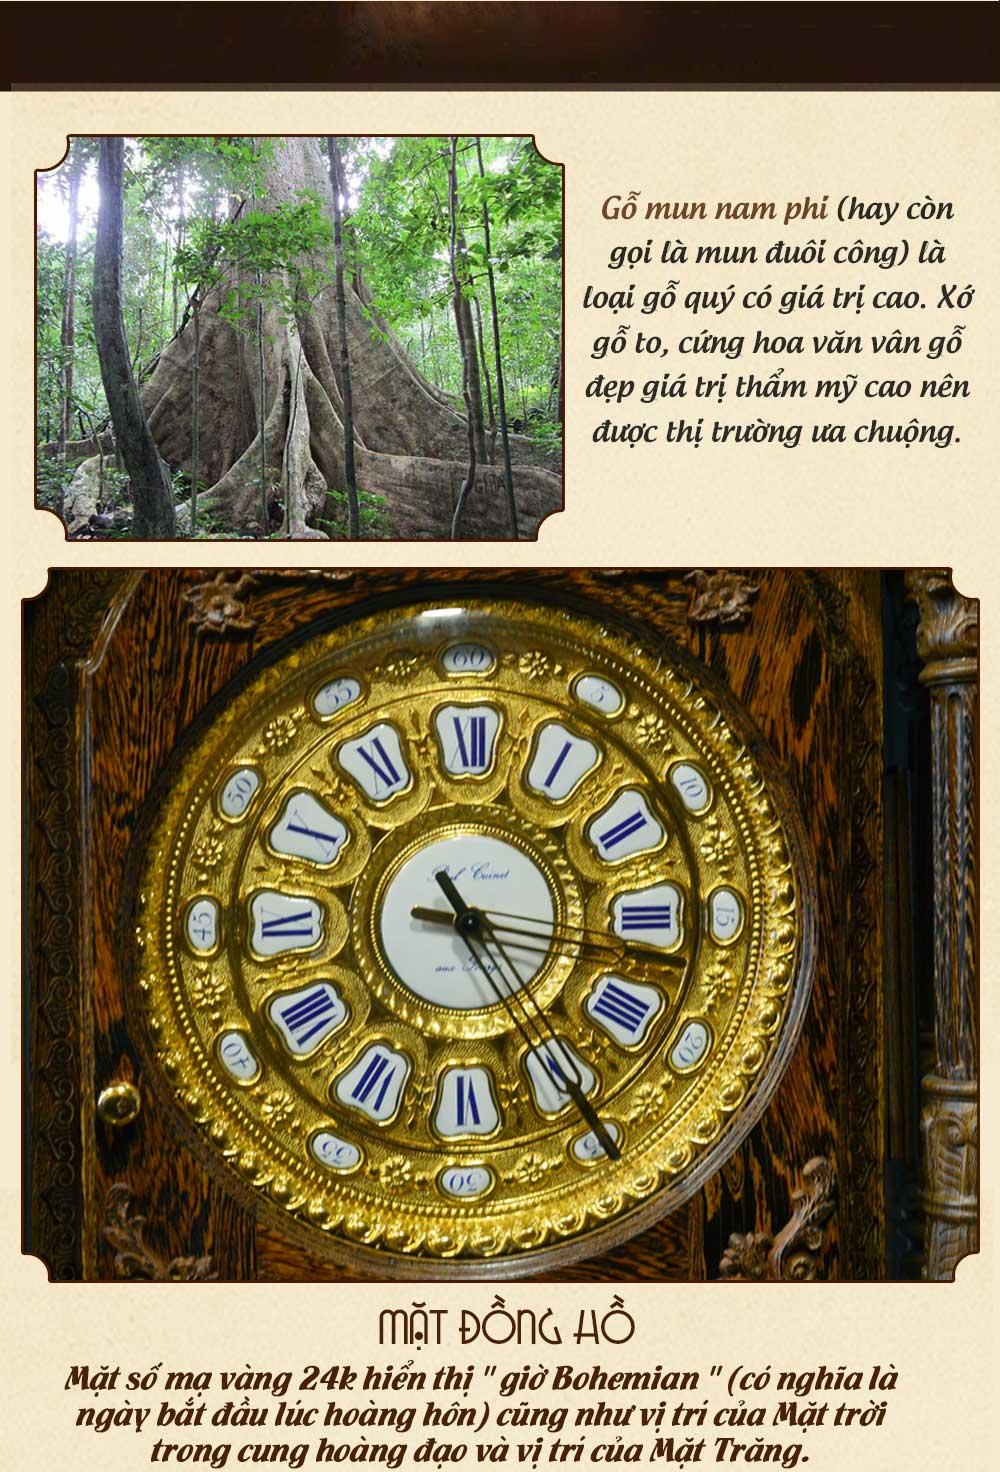 Đồng hồ cây cổ điển Pháp DH21 gỗ mun đuôi công nhập khẩu